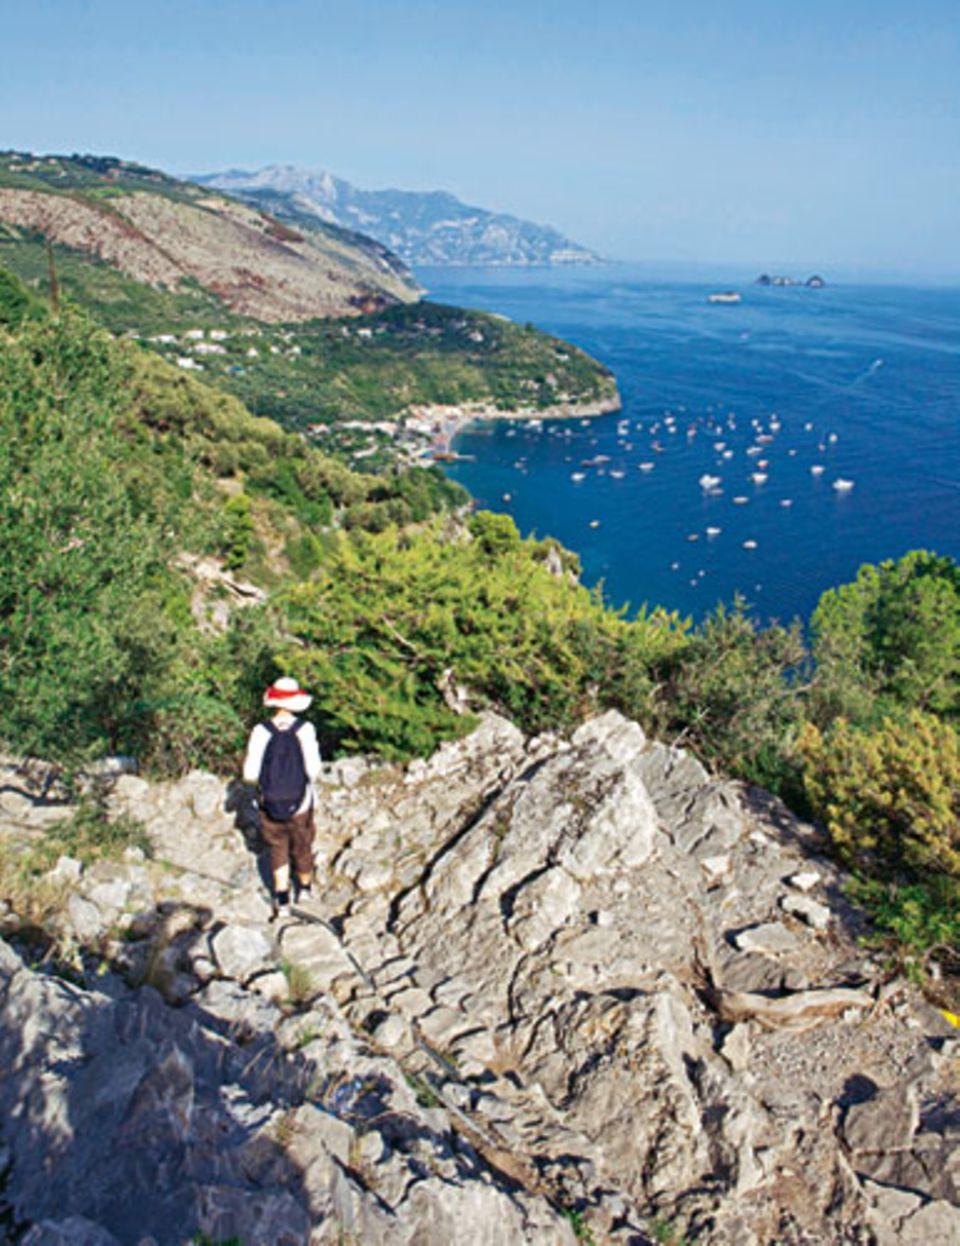 Berückende Aussichten auf einer Wanderung auf alten Maultierpfaden der Sorrentiner Halbinsel